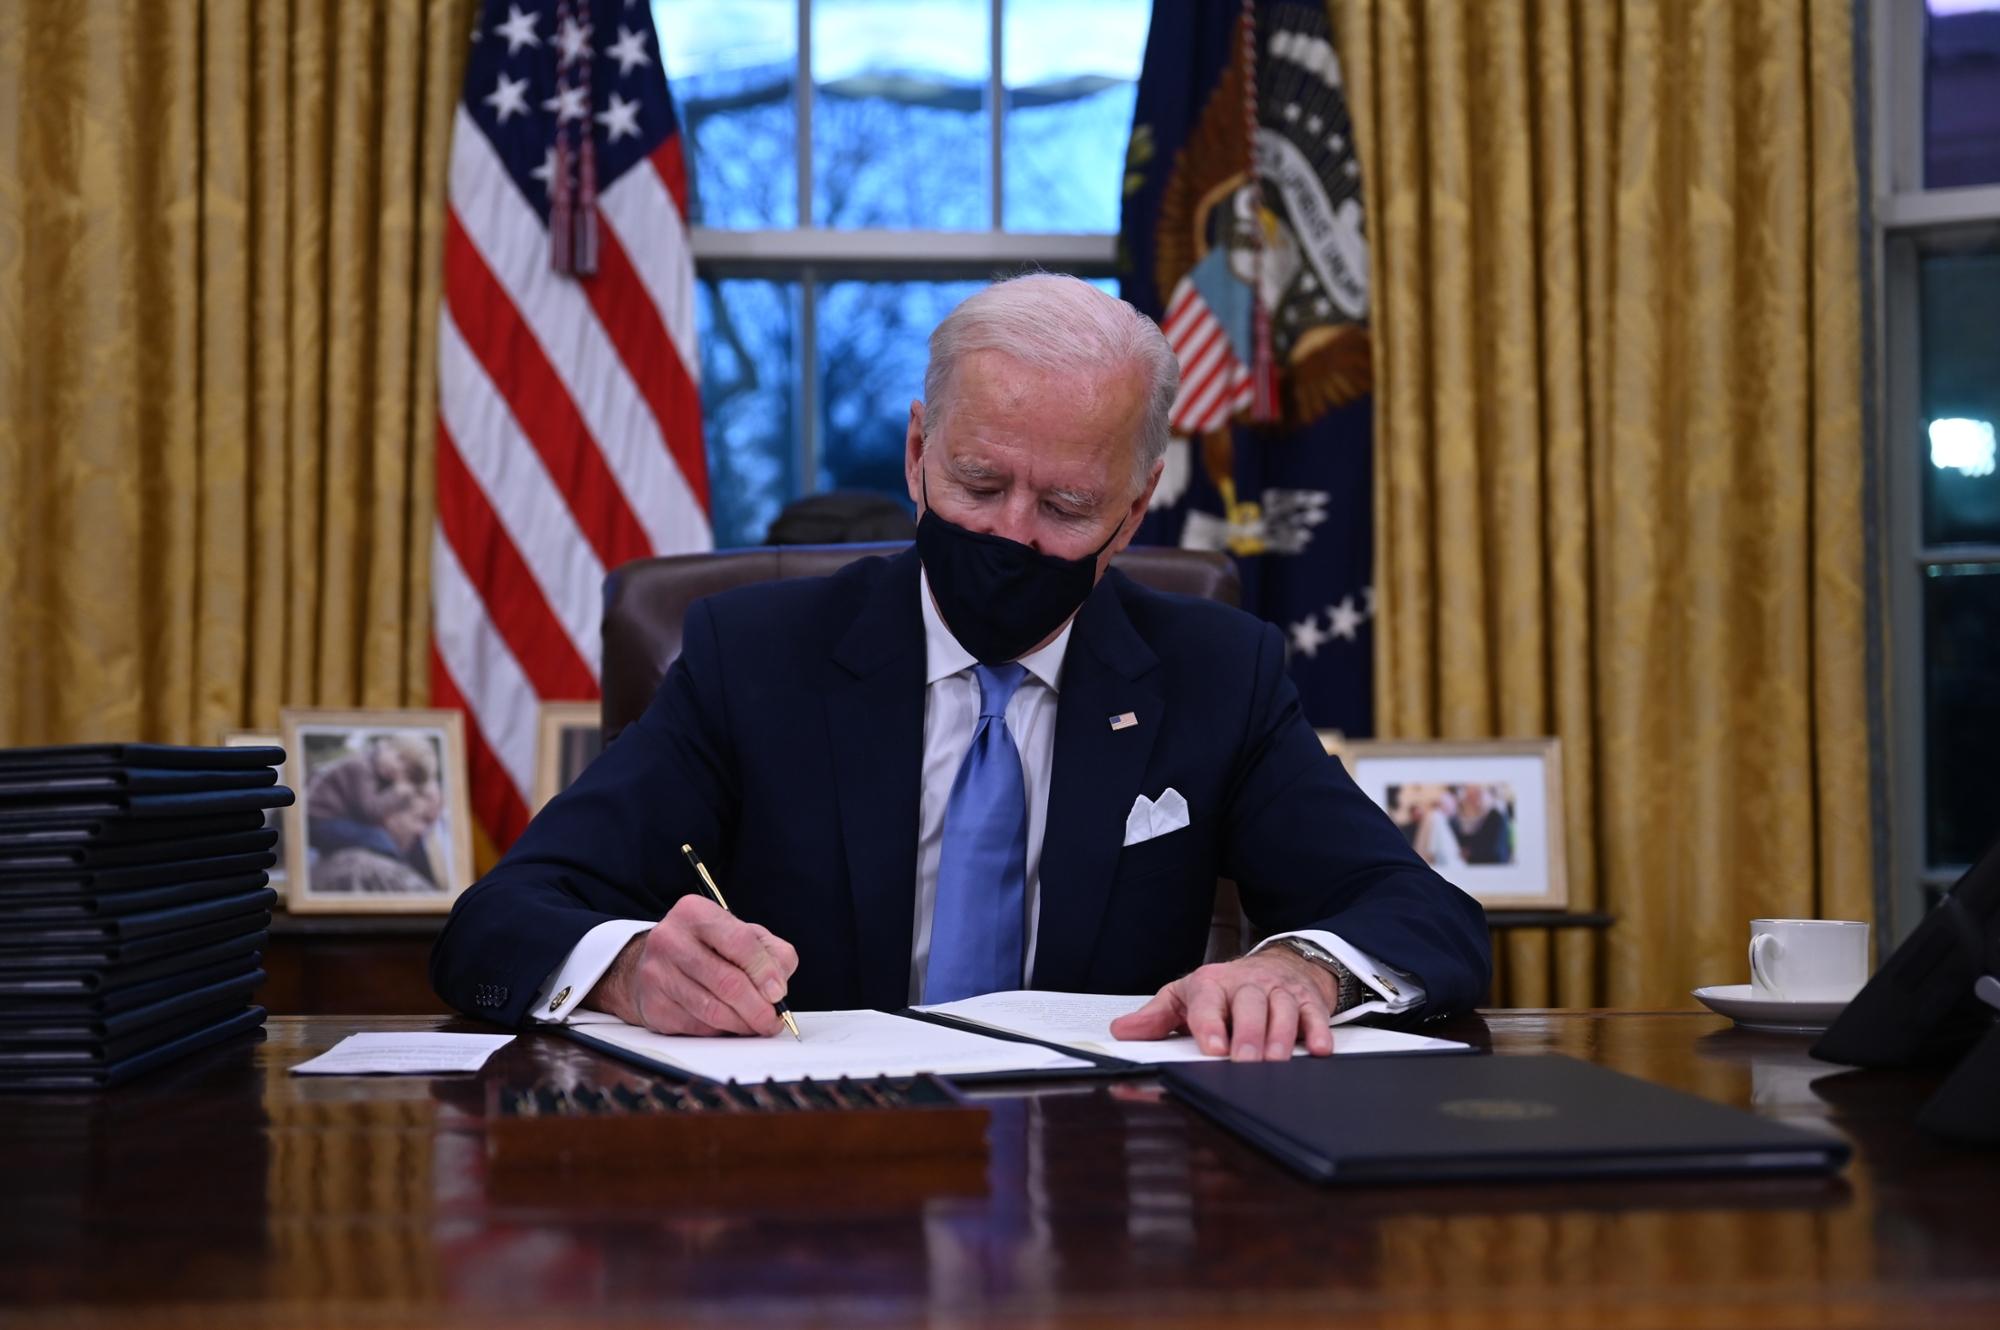 """États-Unis : le bouton """"Coca Light"""" de Trump retiré par Biden du Bureau ovale"""